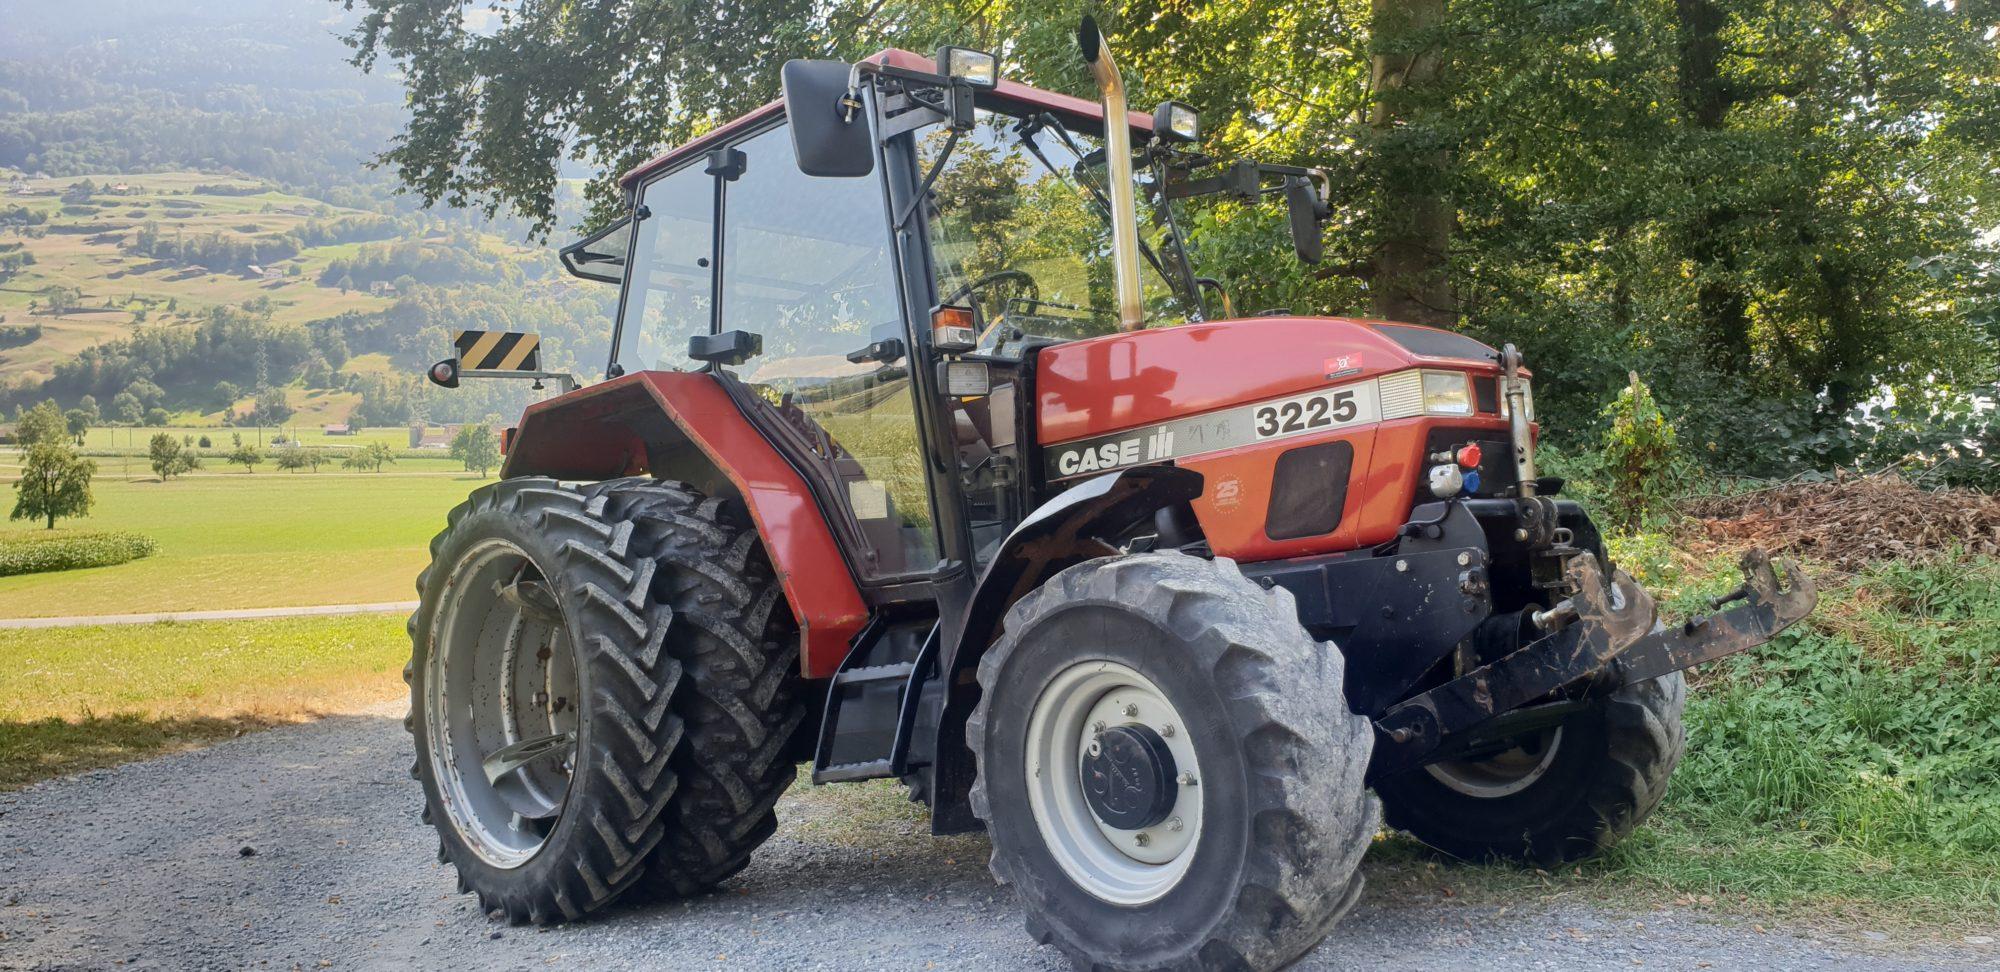 Traktor Case 3225 zu verkaufen Occasion